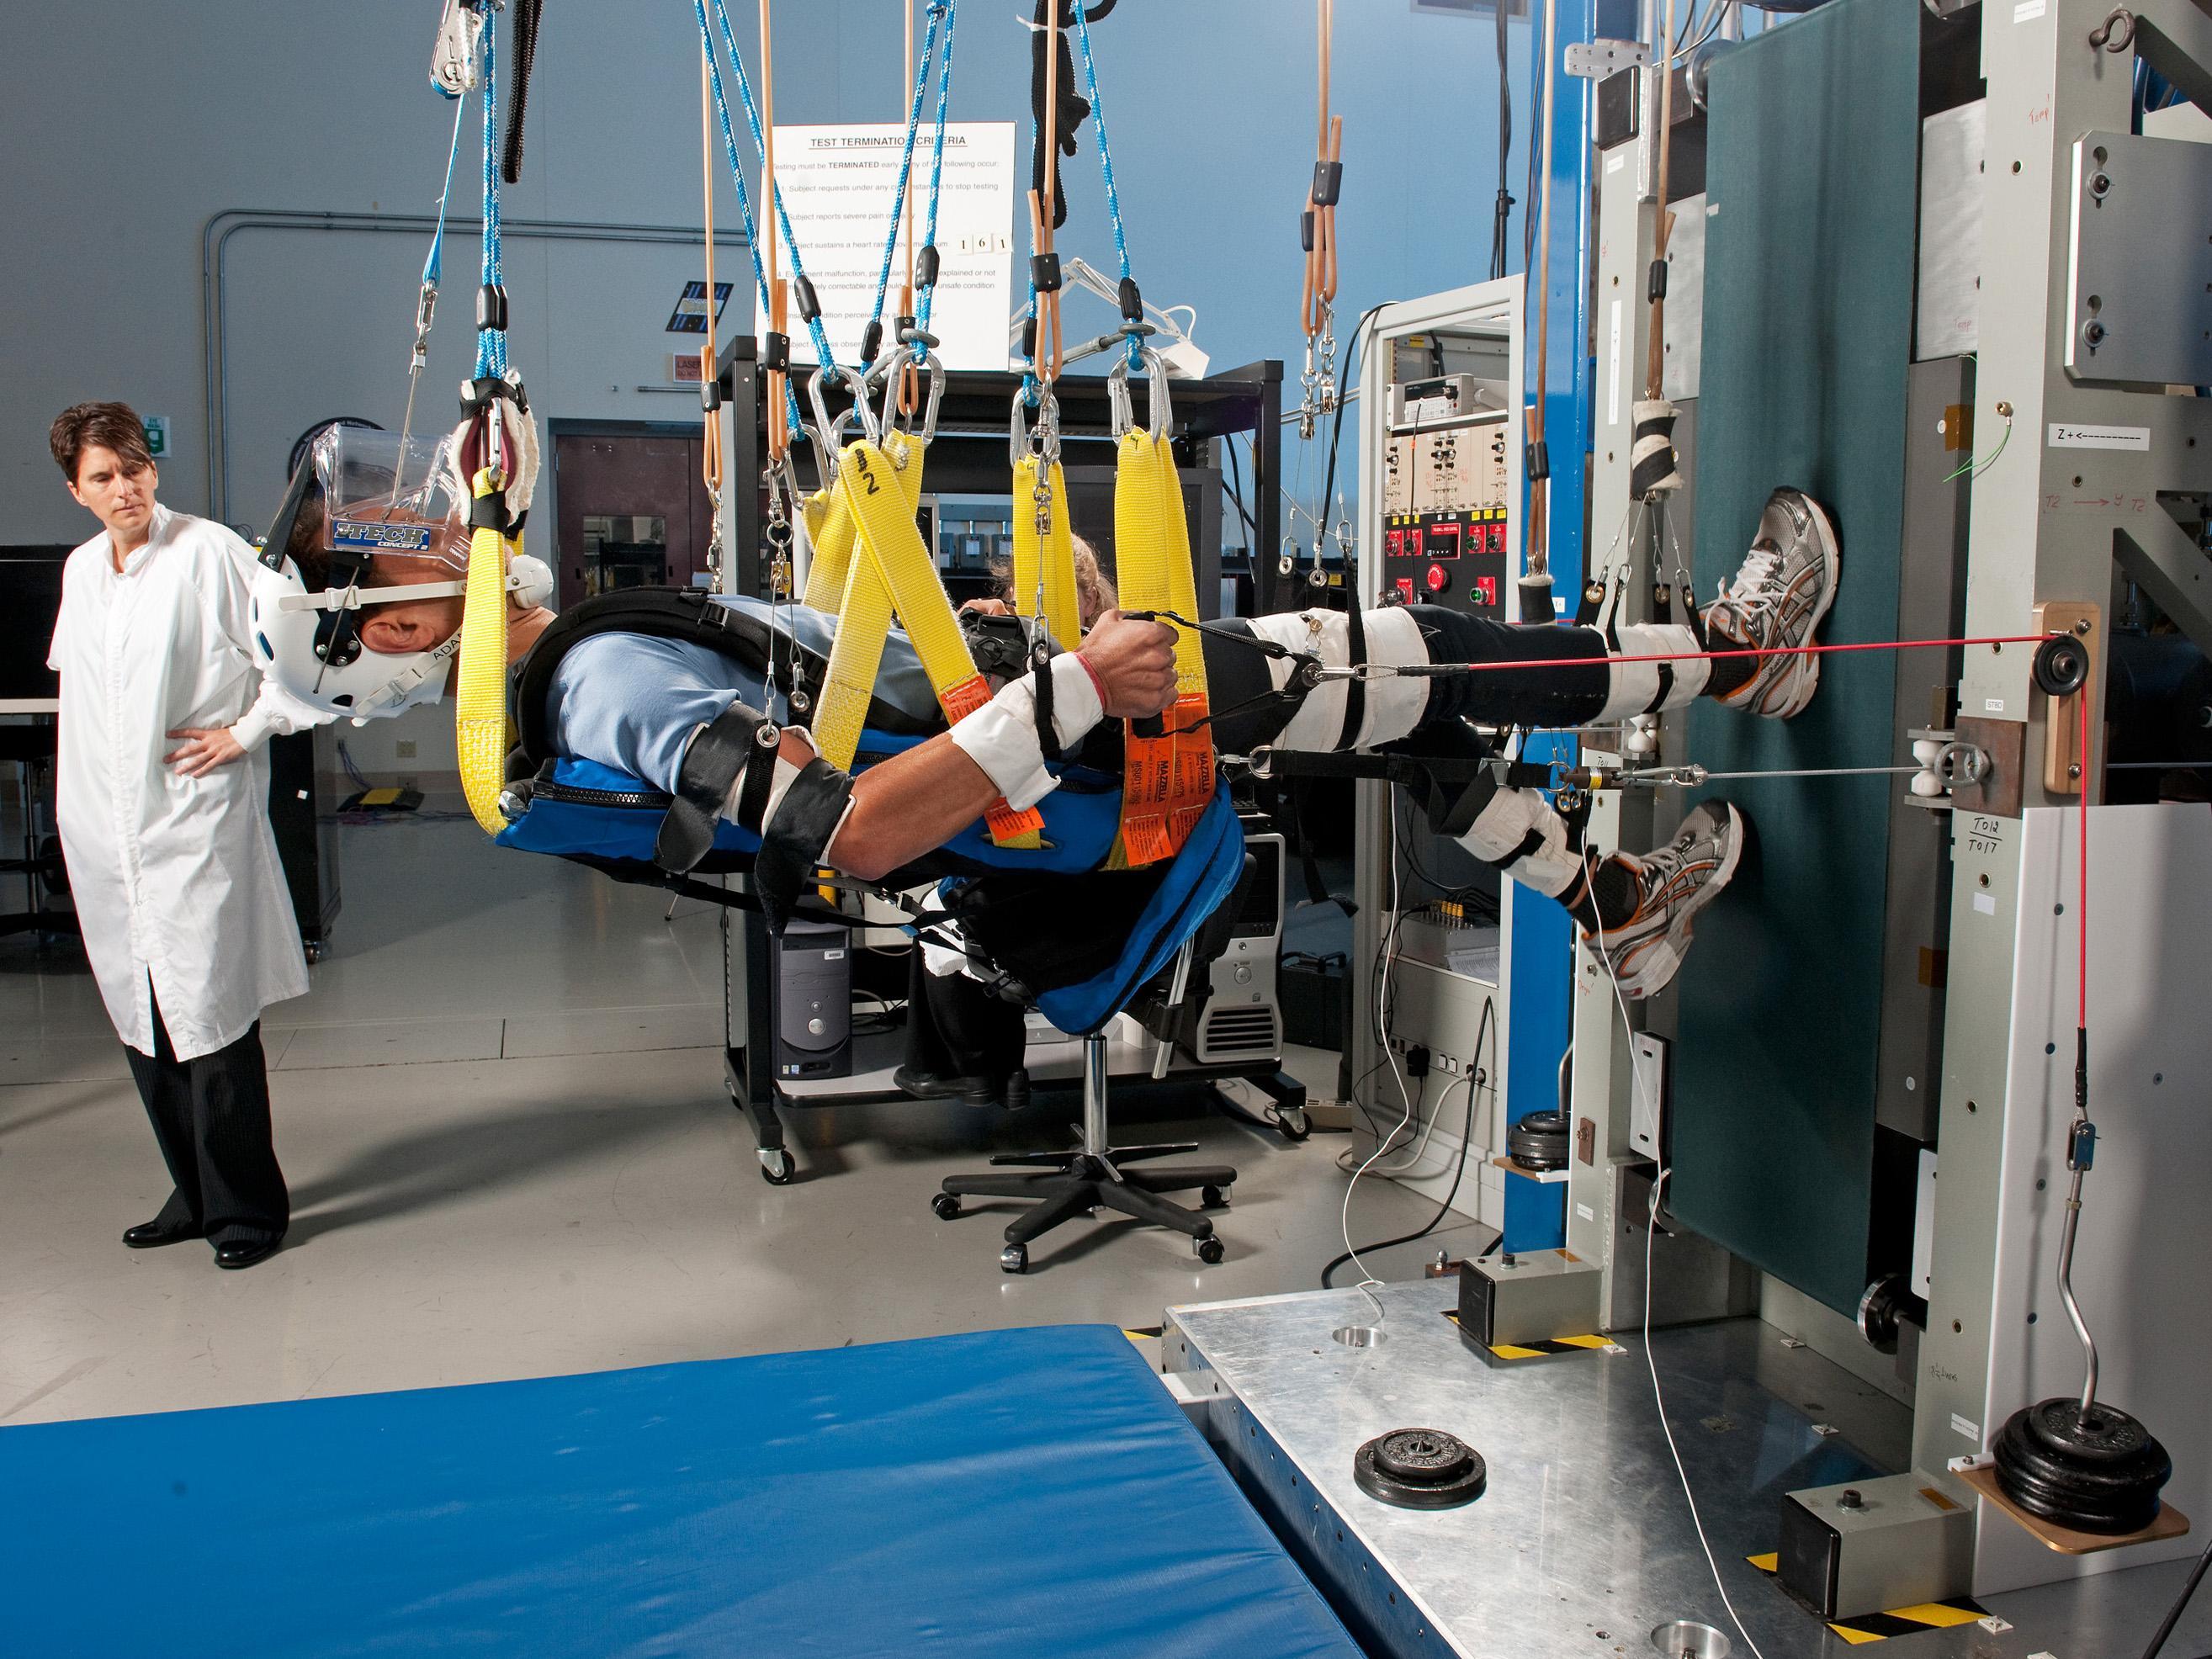 nasa zero gravity simulator - photo #14